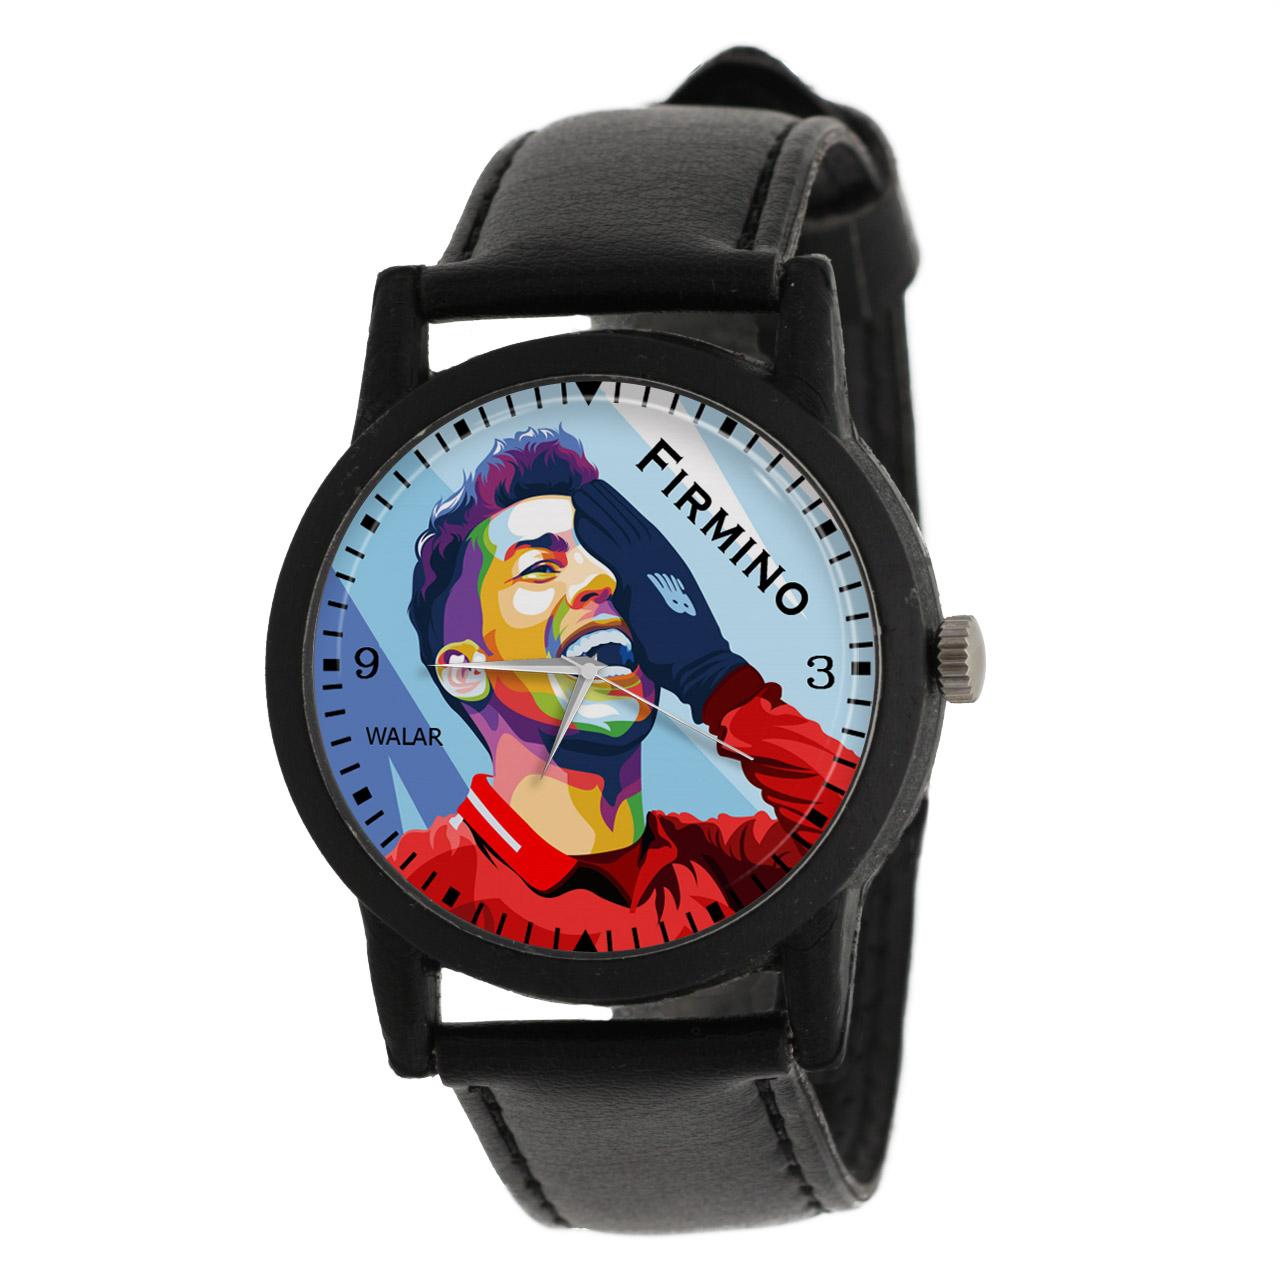 ساعت مچی عقربه ای مردانه والار طرح رابرتو فیرمینو کد LF2116              ارزان